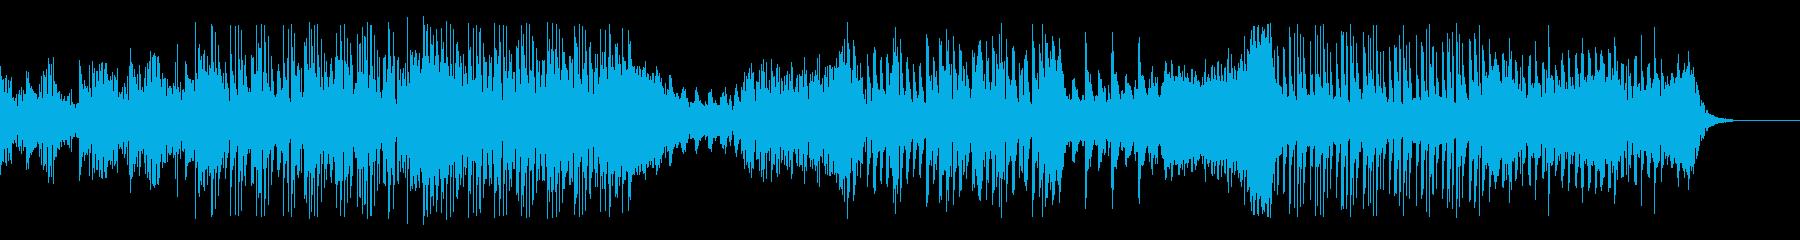 シンセ的ミニマルテクノBGMの再生済みの波形